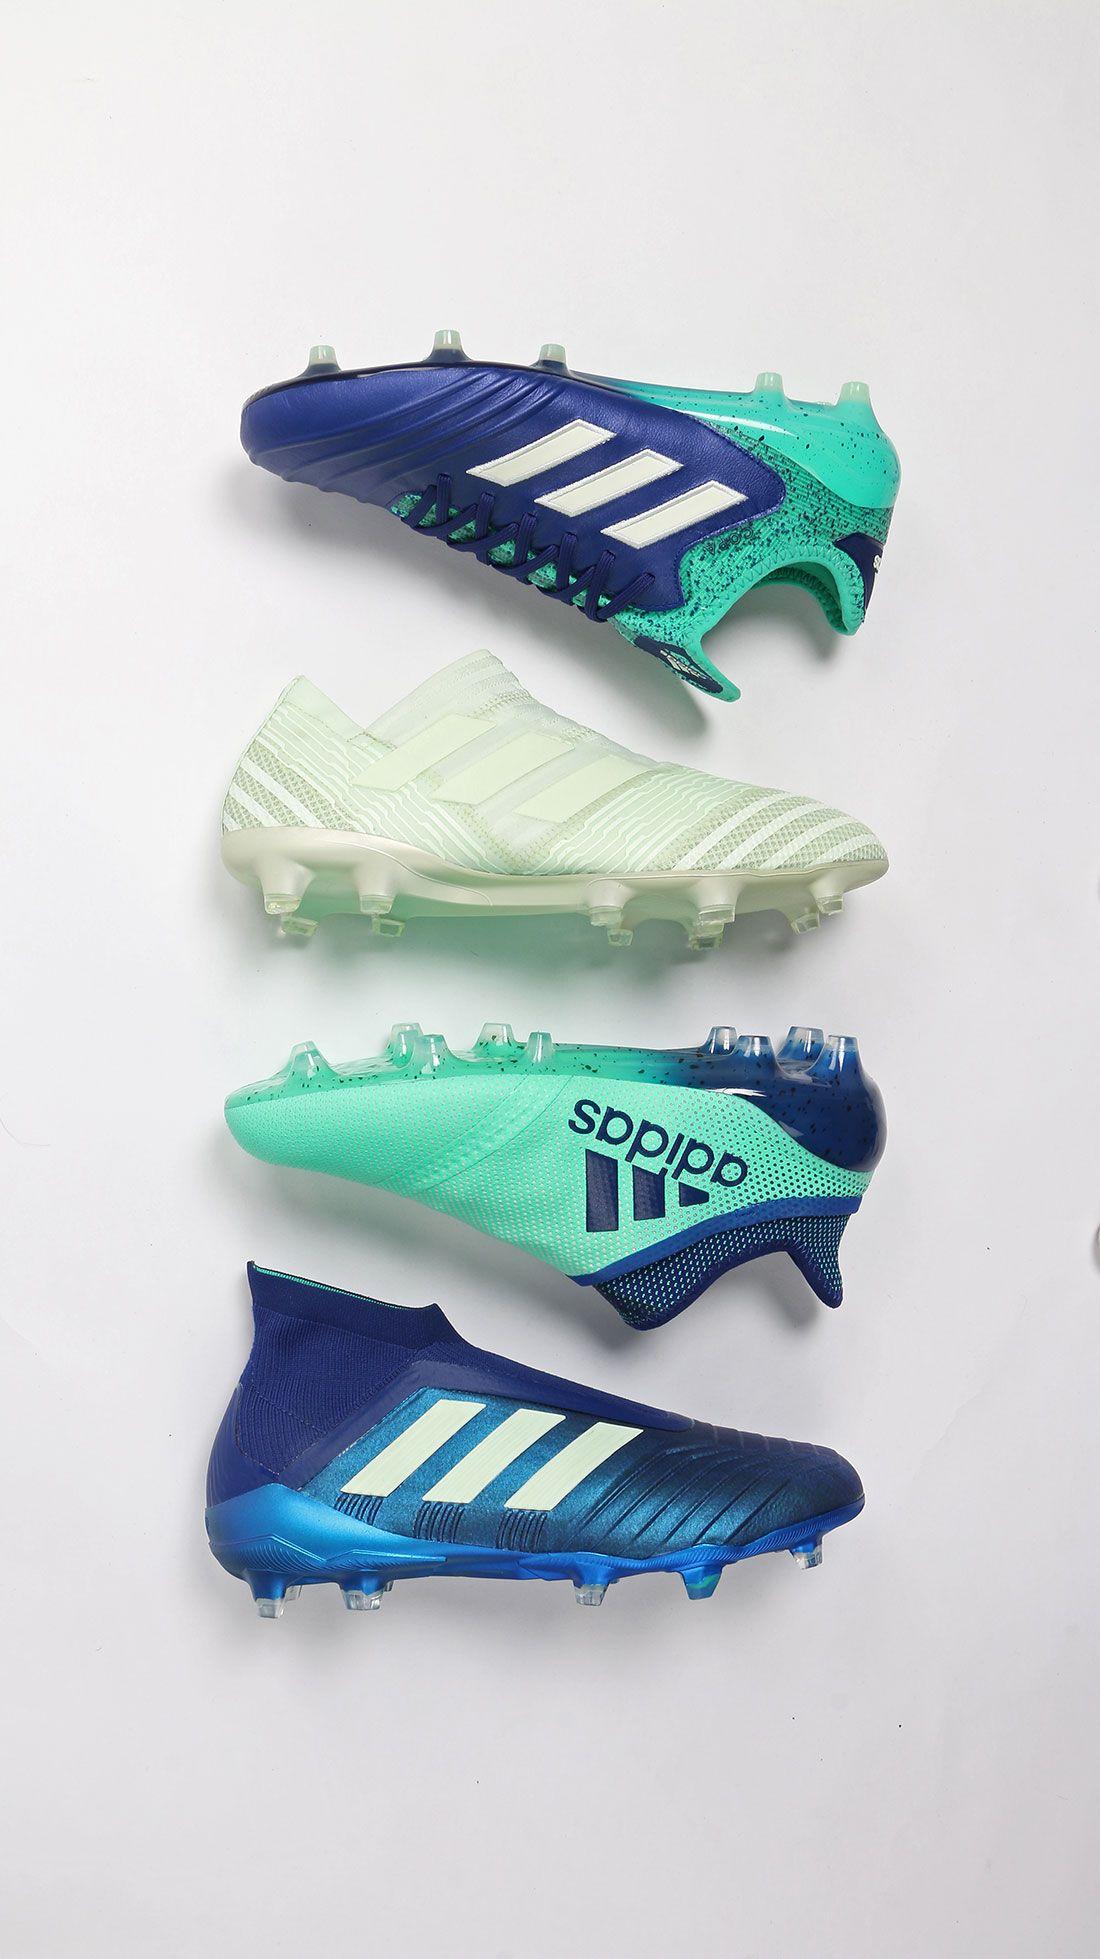 8ca890ddc08ab Colección de botas de fútbol con tacos adidas deadly strike. Foto  Marcela  Sansalvador para futbolmania.com  adidas  deadlystrike  futbolmania   ...